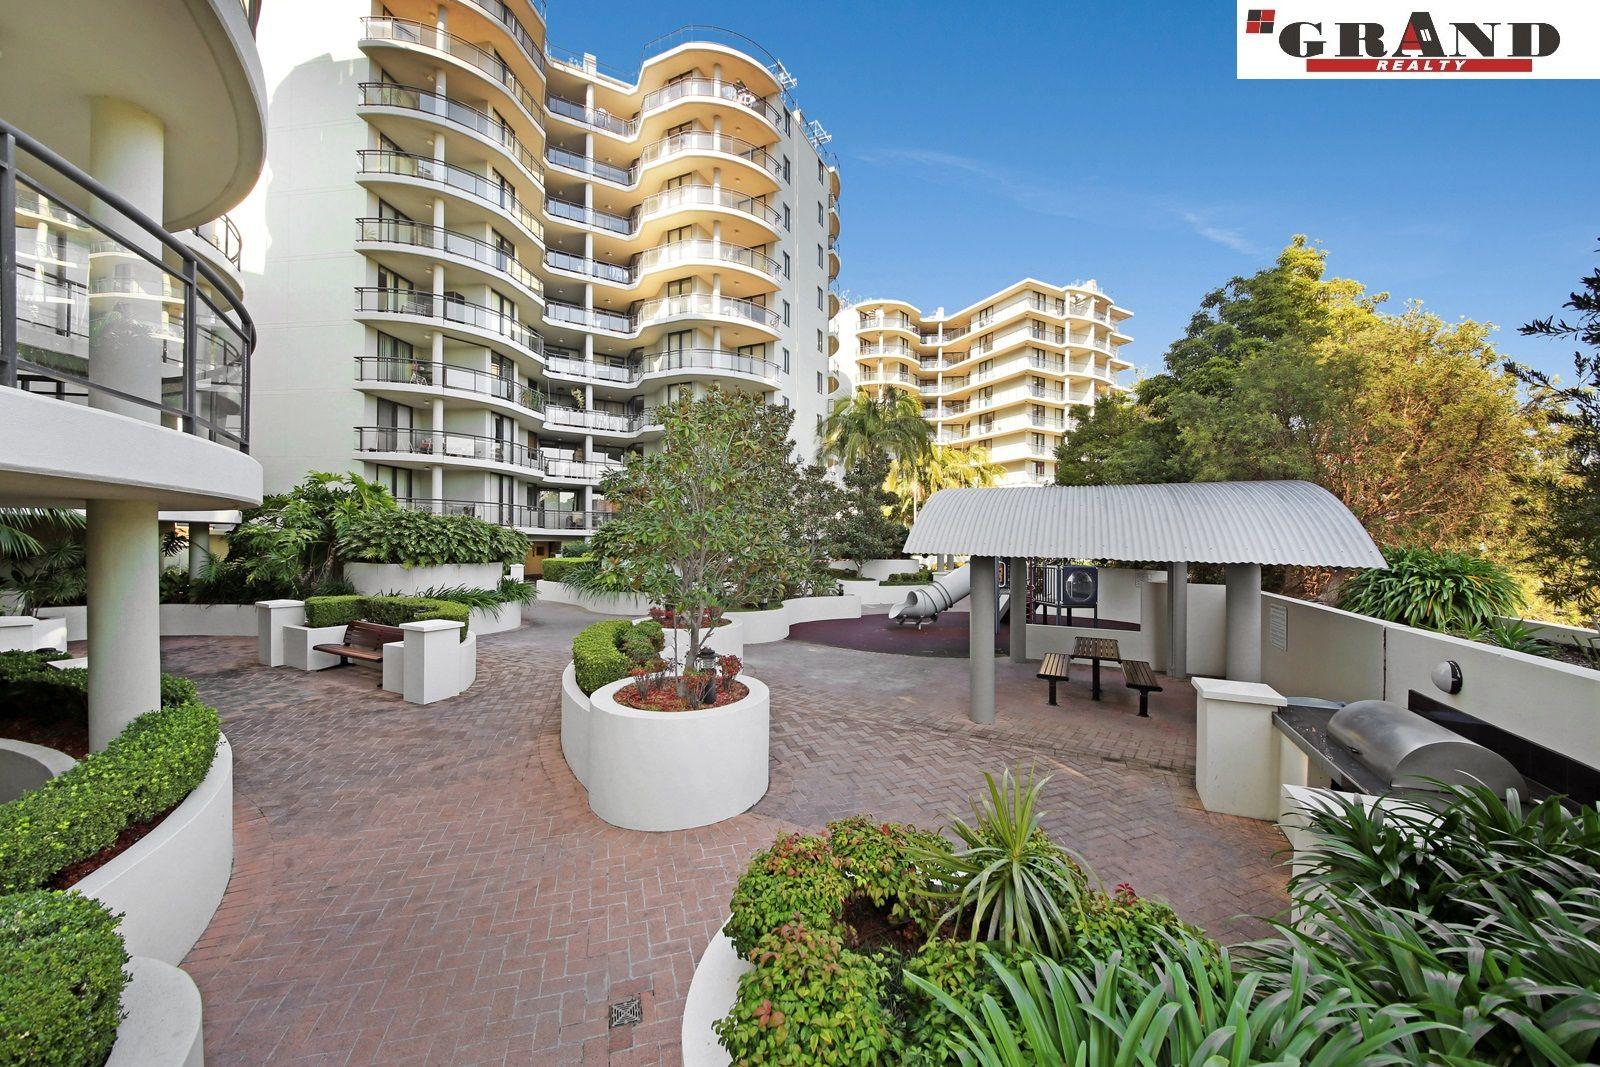 608/7 Keats Ave, Rockdale NSW 2216, Image 0